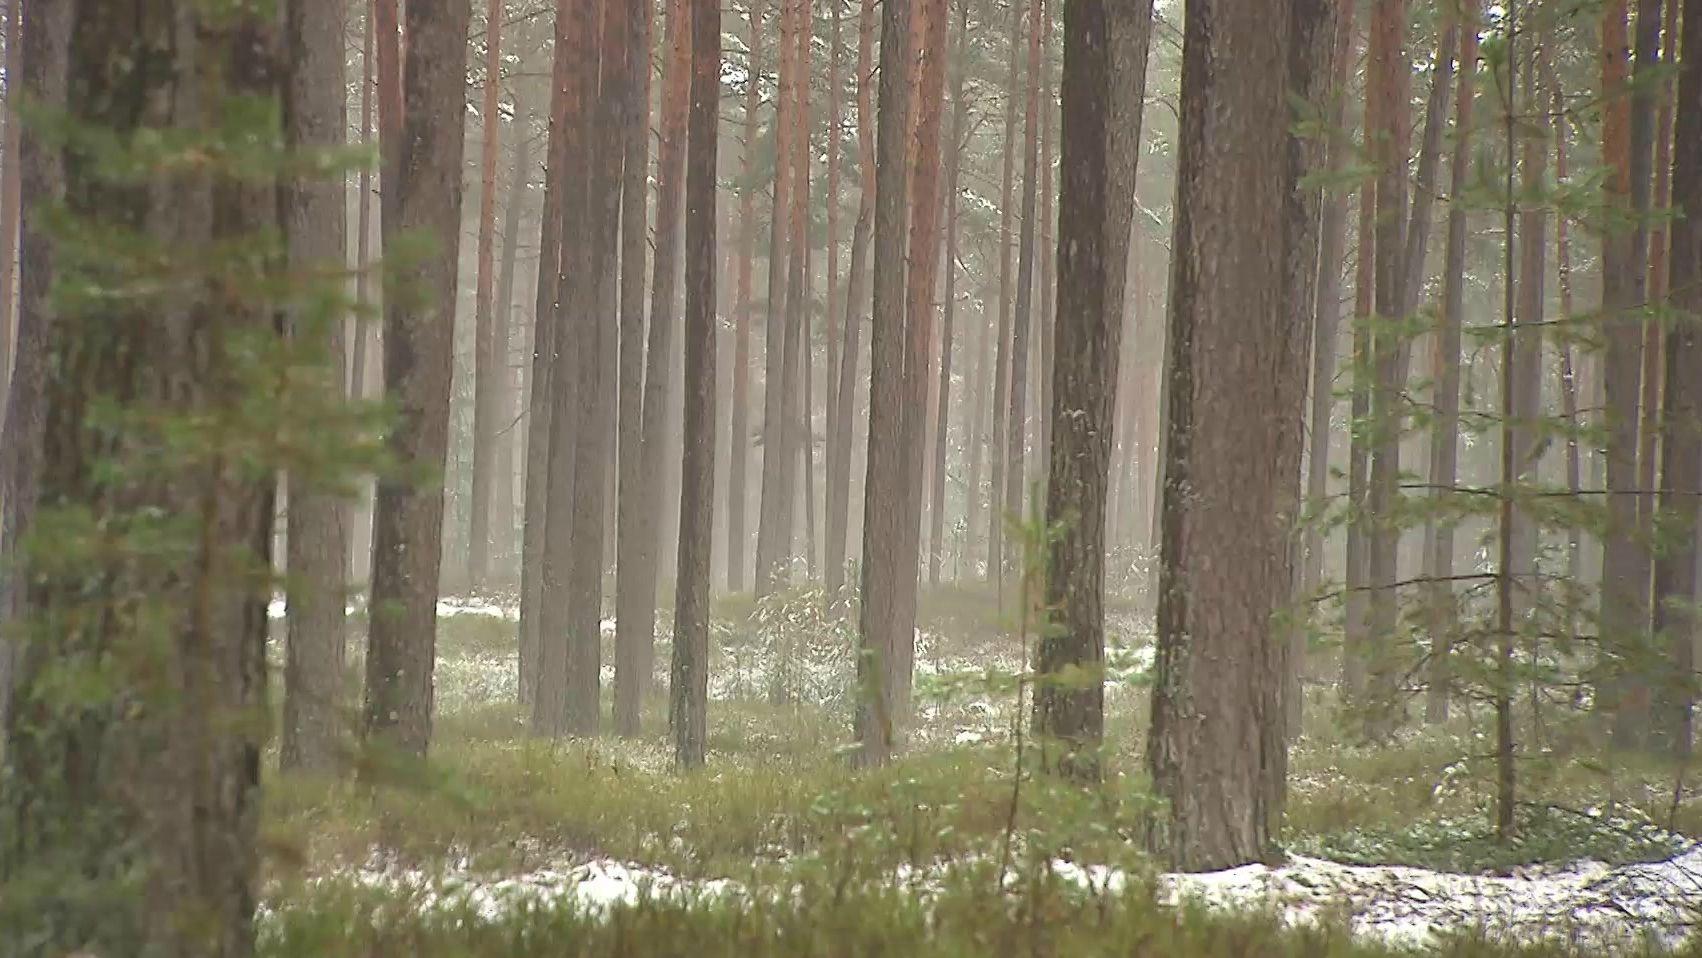 Wald der Heilig-Geist-Stiftung Nürnberg bei Schnaittach